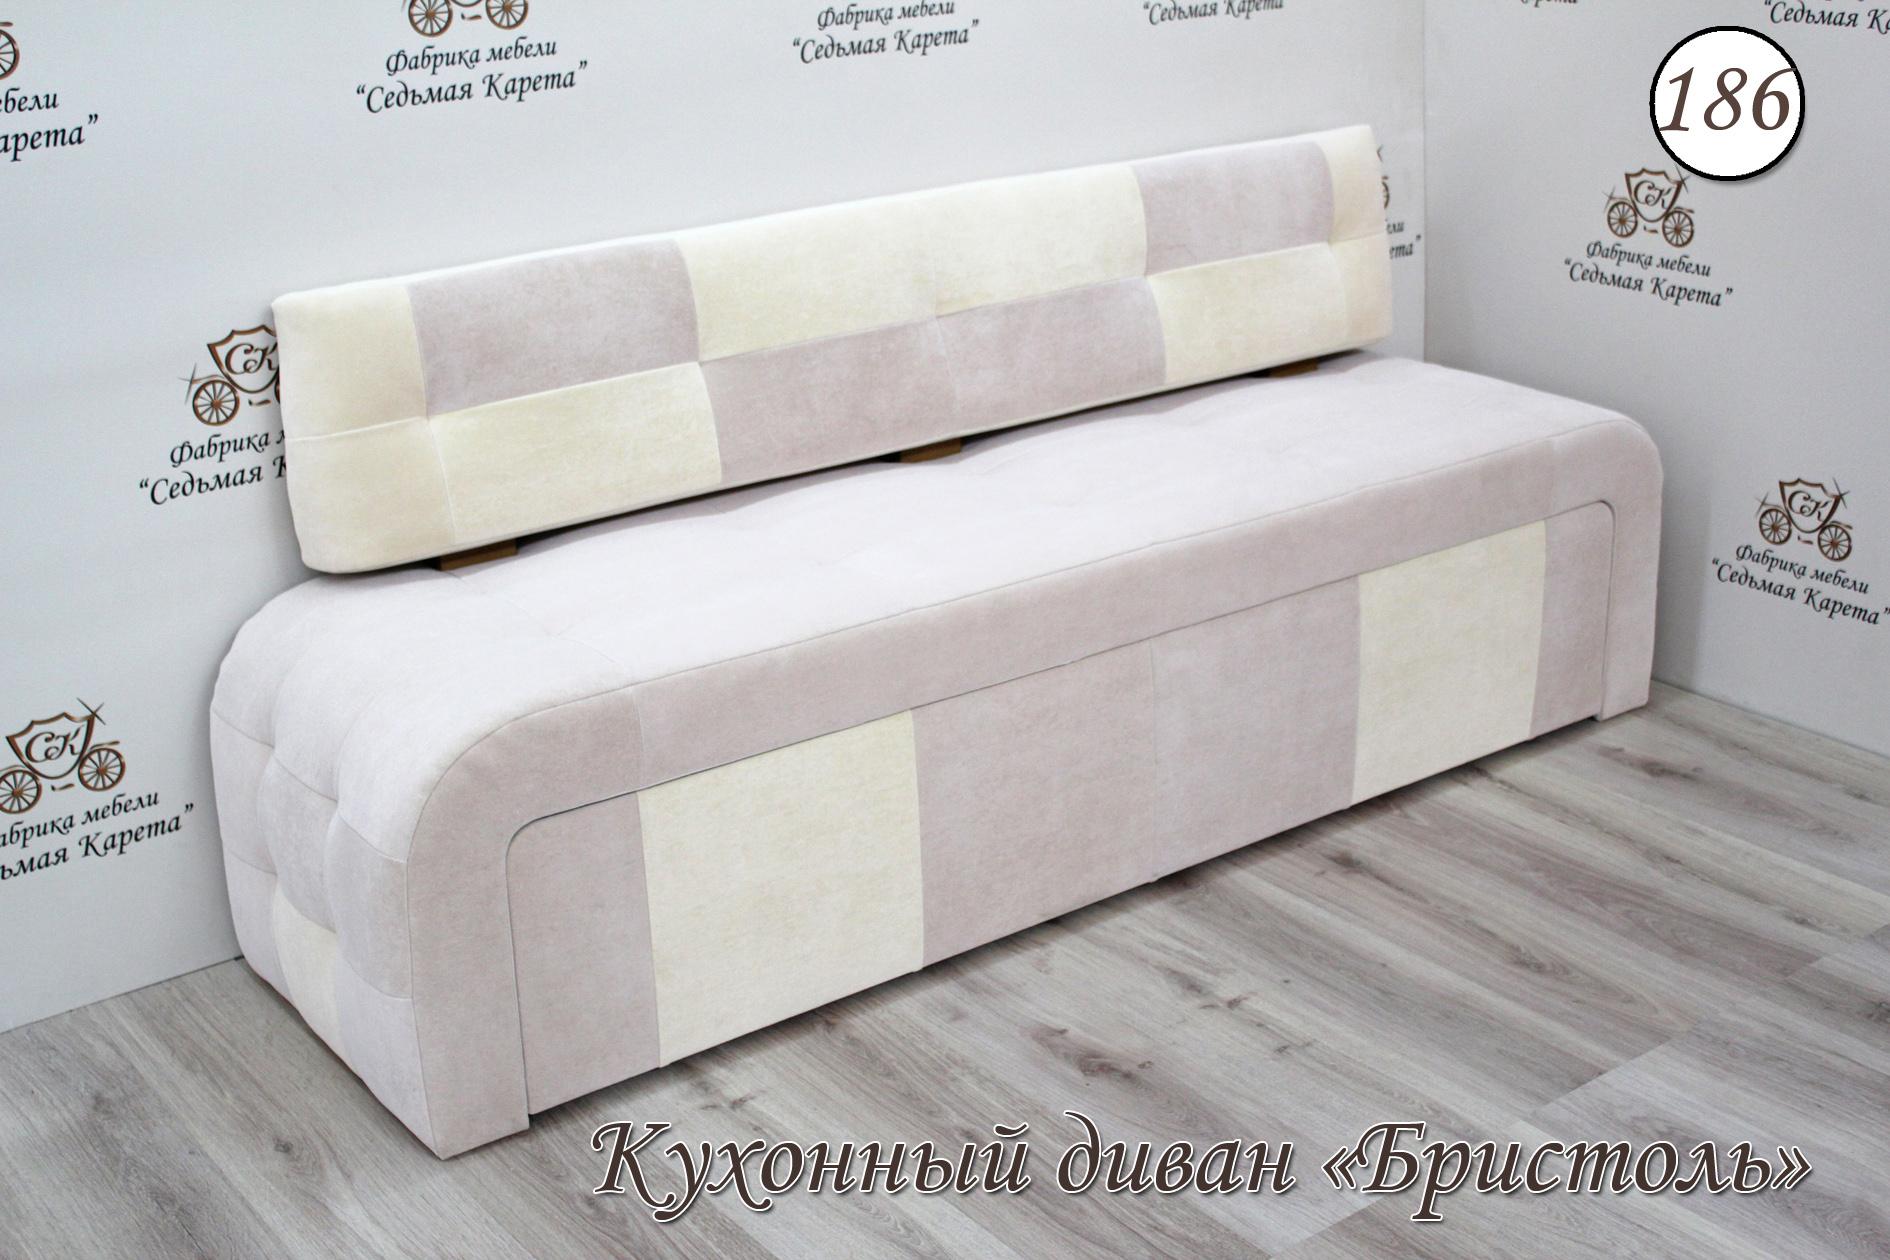 Кухонный диван Дублин-186 кухонный диван дублин